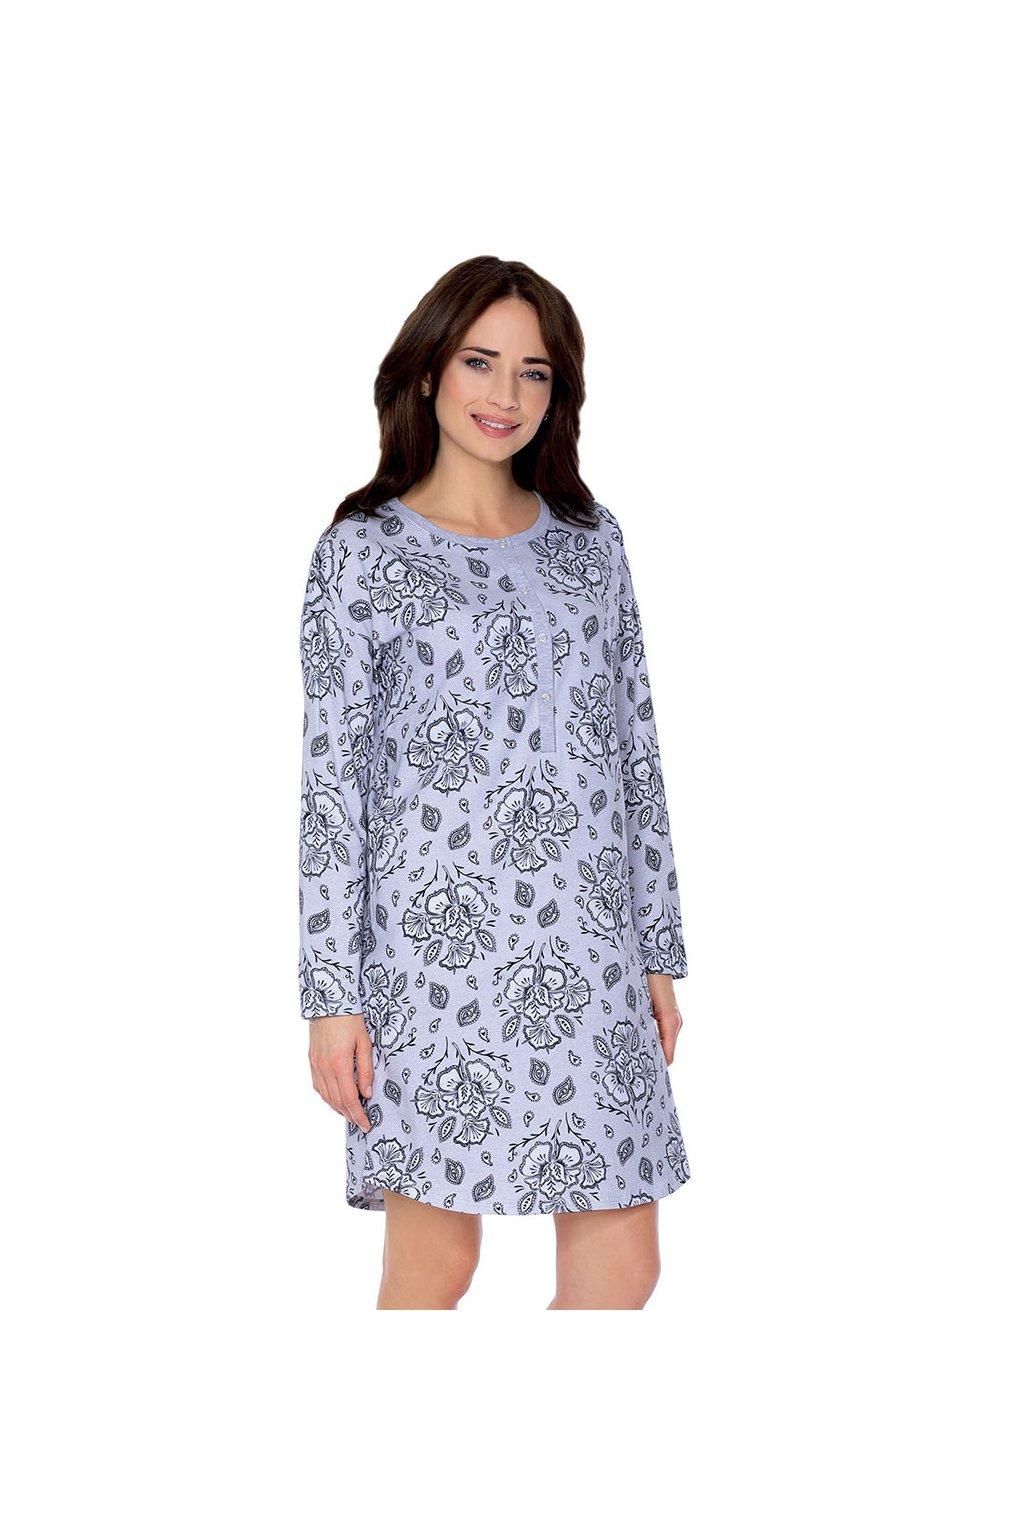 Dámská noční košile s dlouhým rukávem, 104499 30, šedá